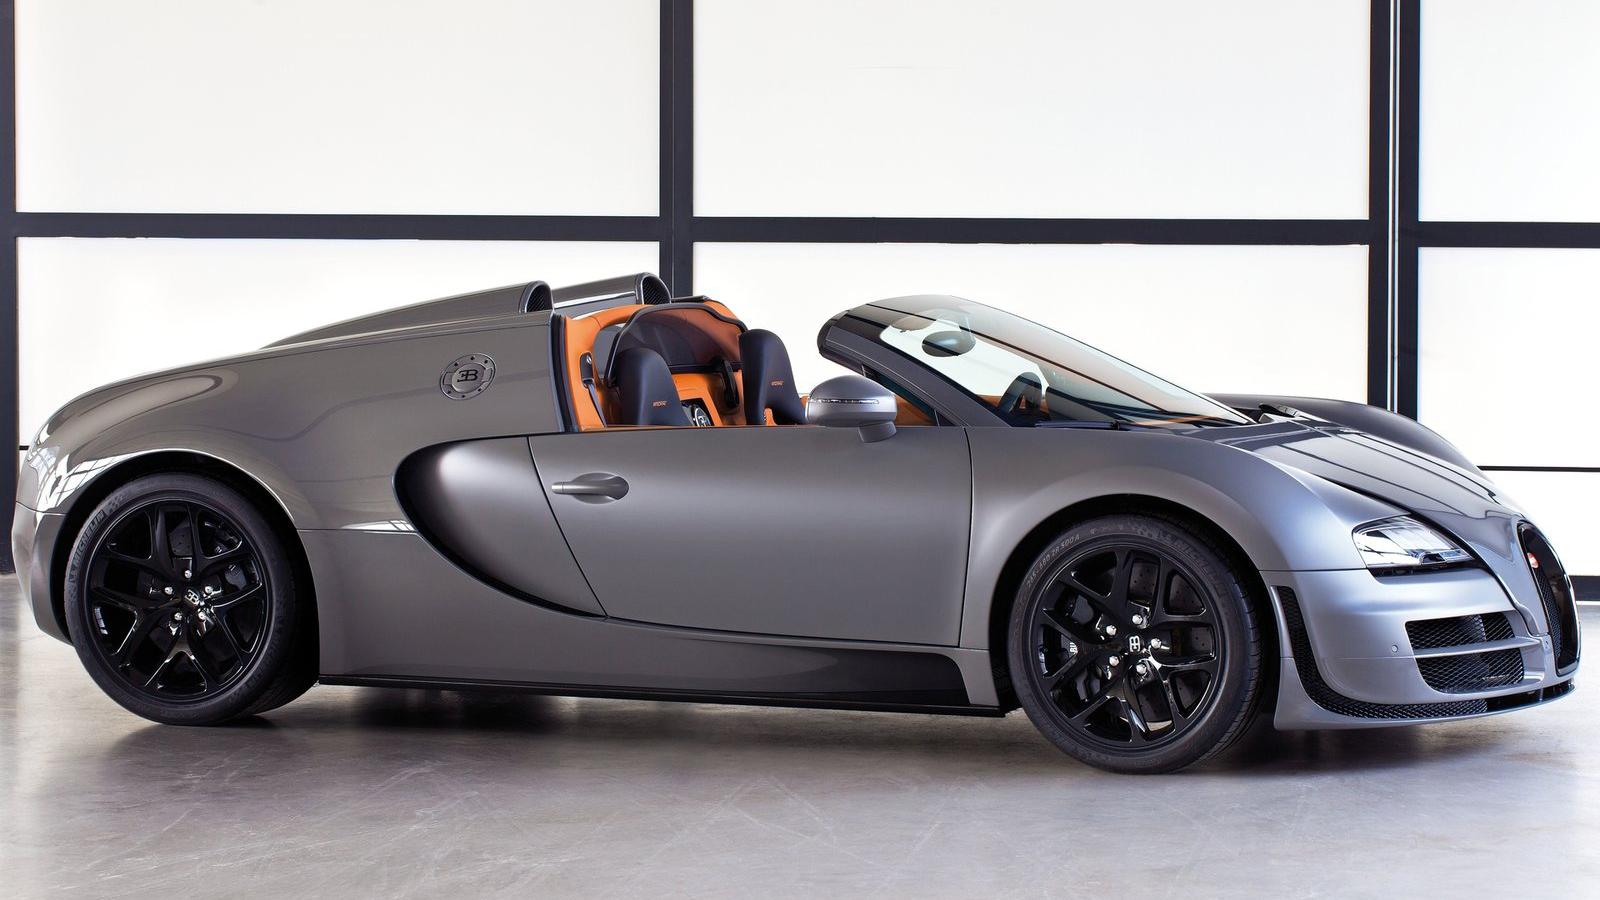 bugatti veyron w16 quad turbo price bugatti vision gt. Black Bedroom Furniture Sets. Home Design Ideas